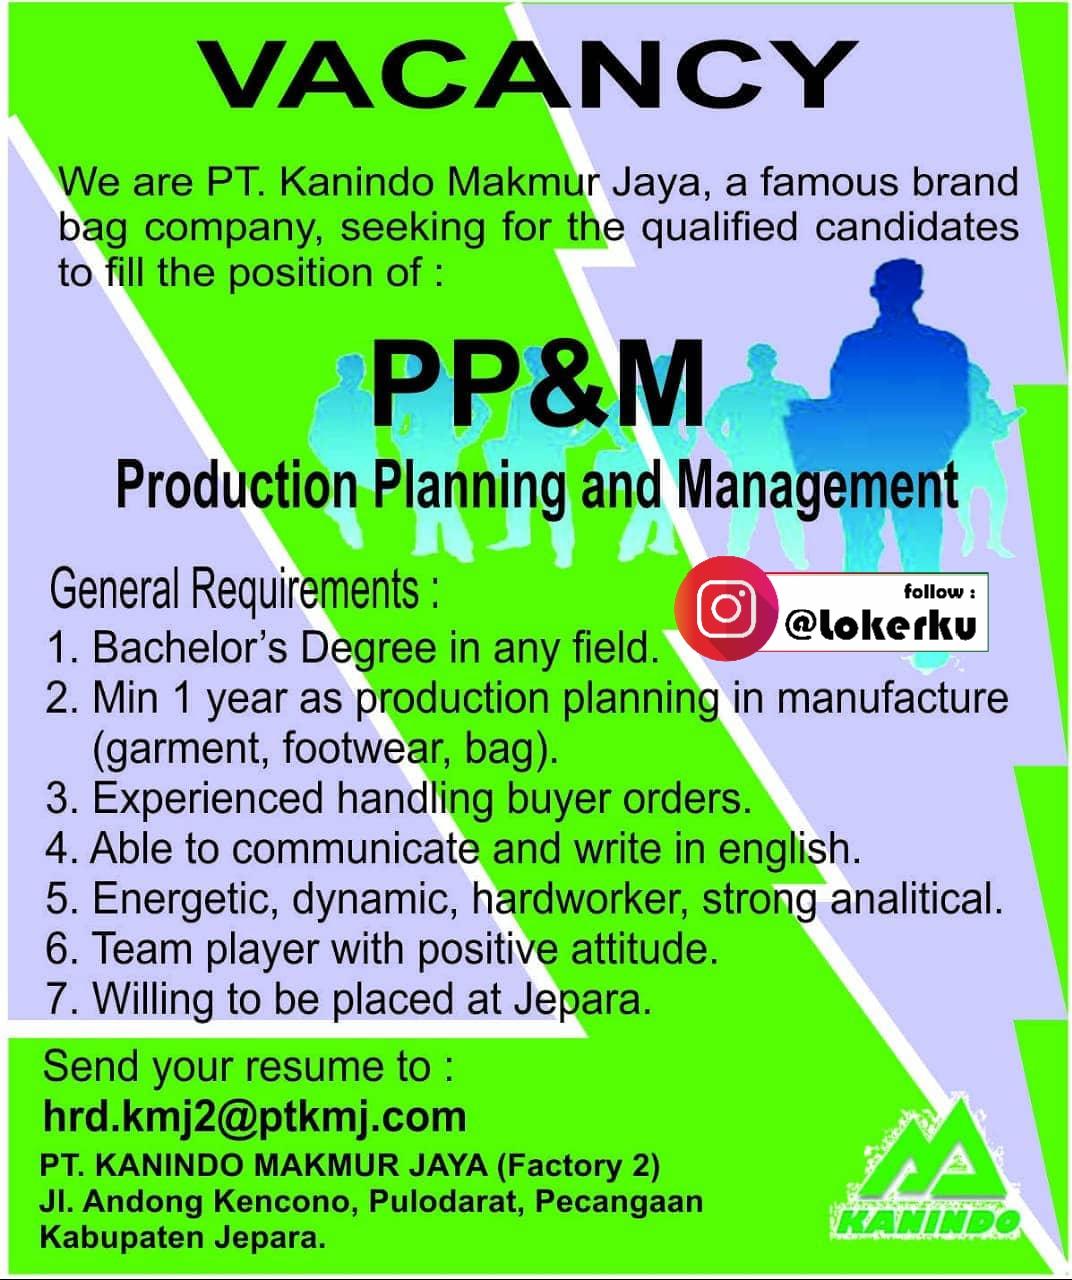 Info Lowongan Kerja Jepara Sebagai Production Planning and Management di PT. Kanindo Makmur Jaya Factory 2 Jepara